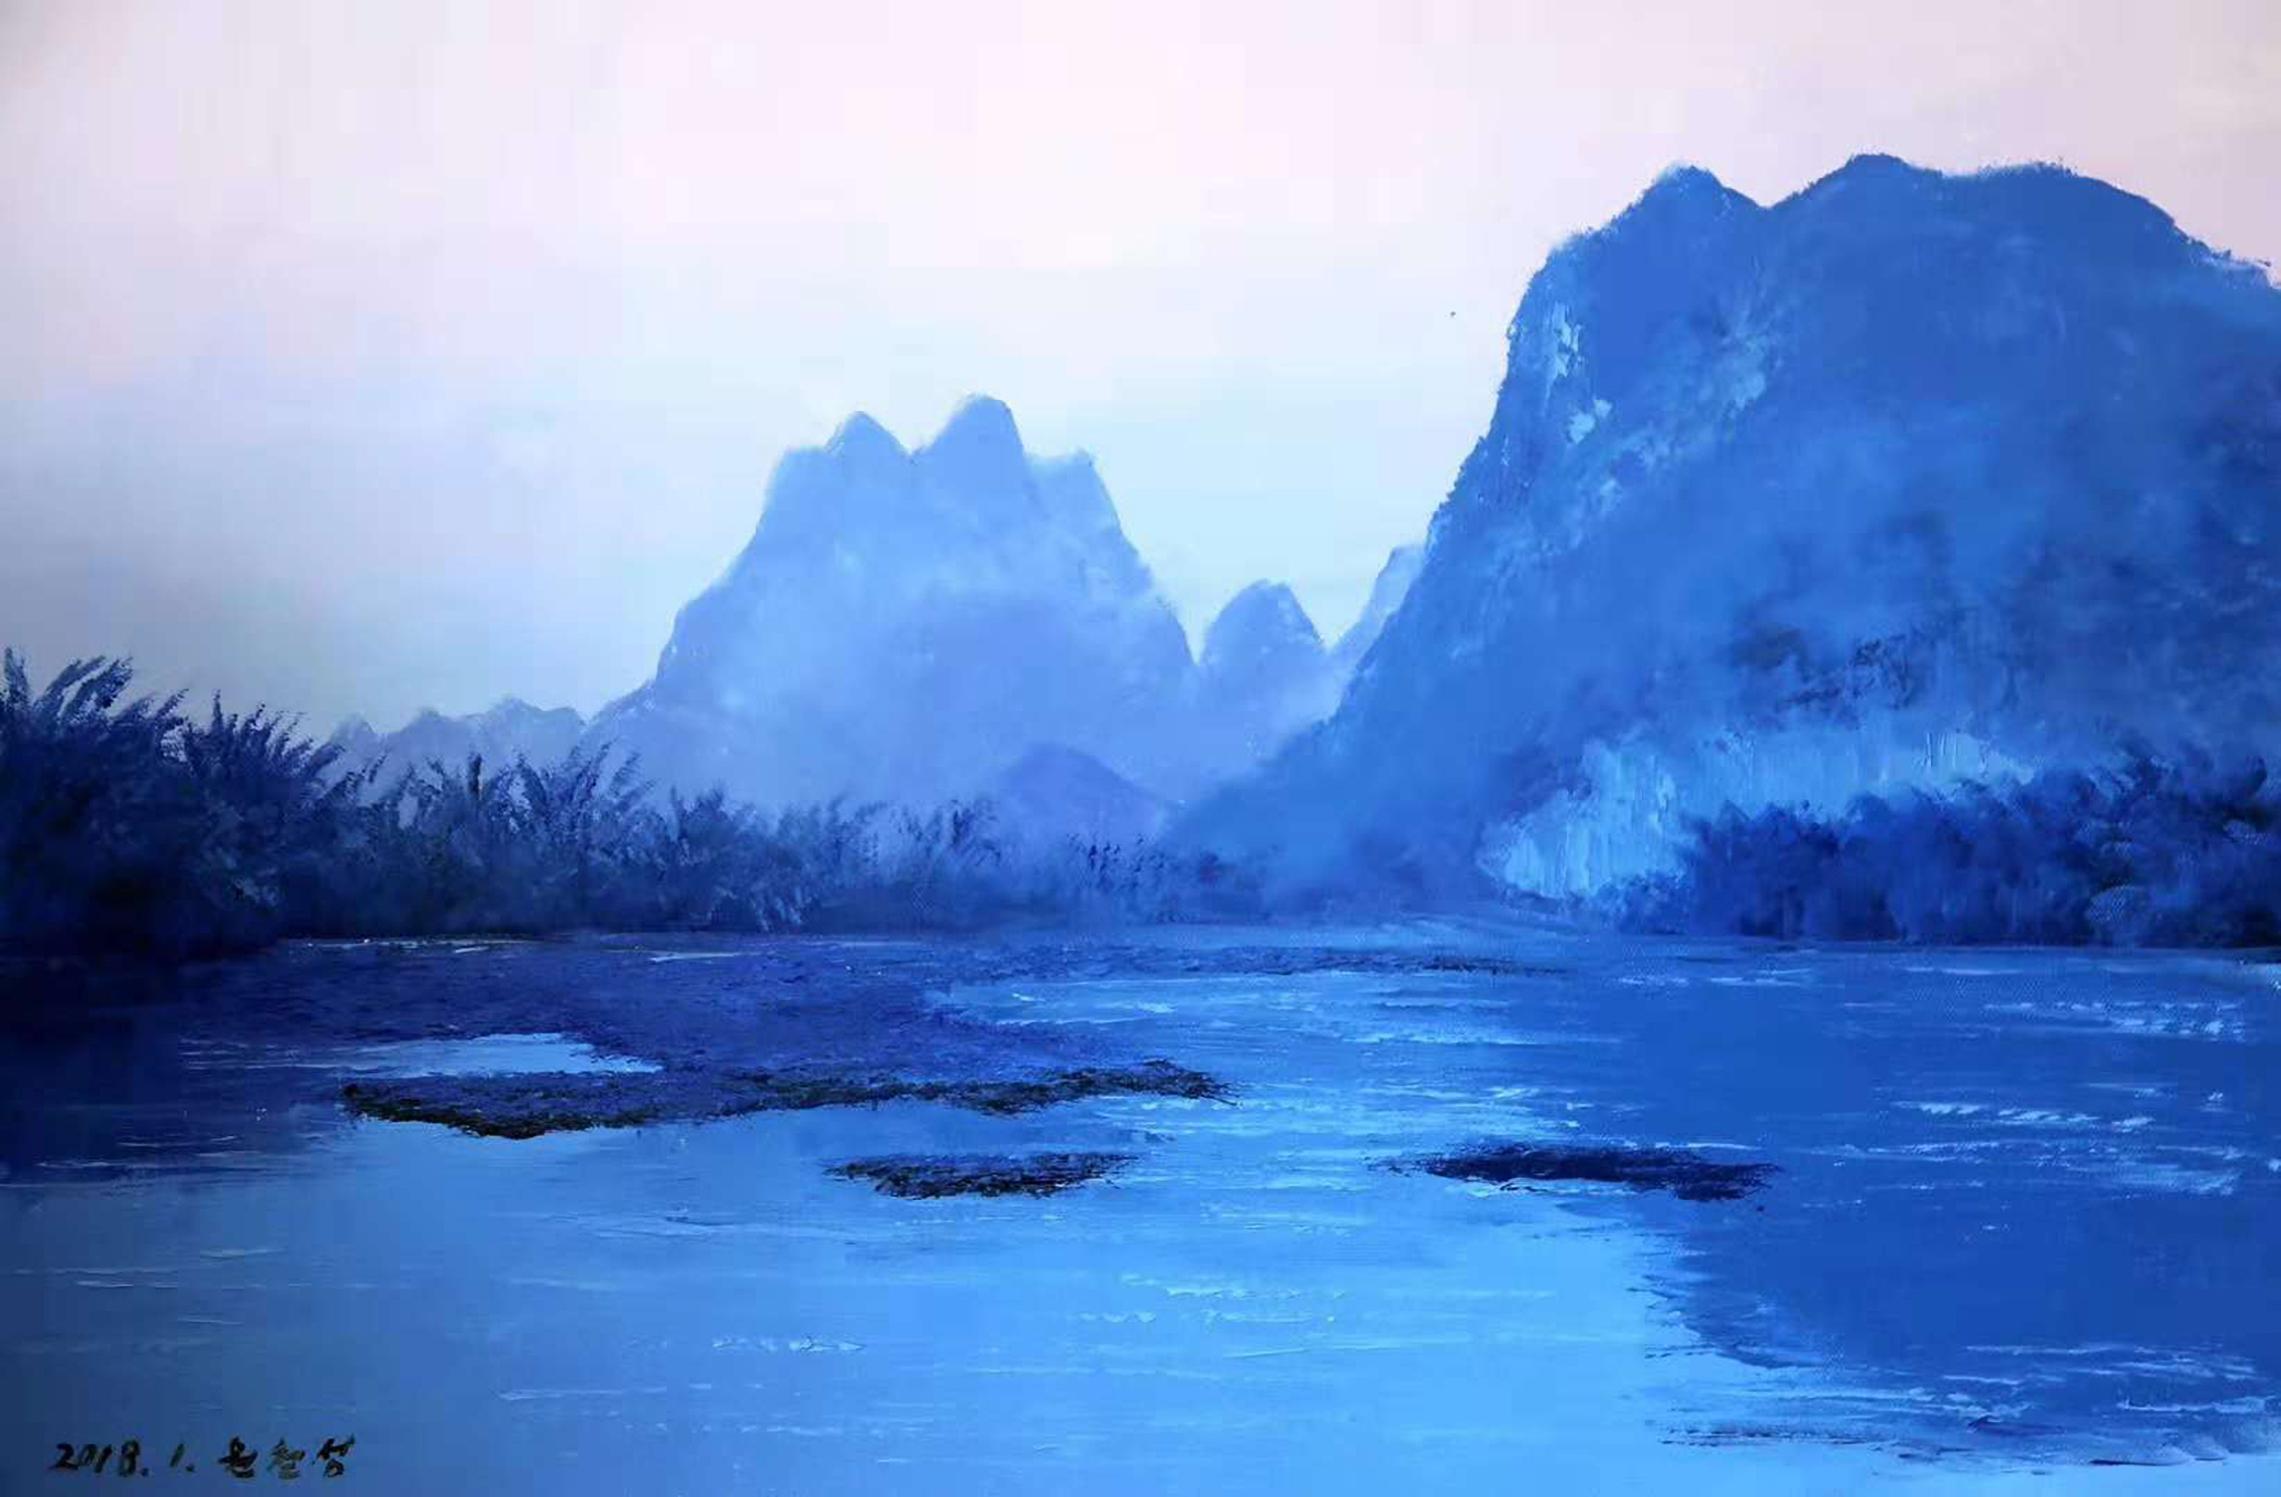 油画山水风景,72*48,元哲成